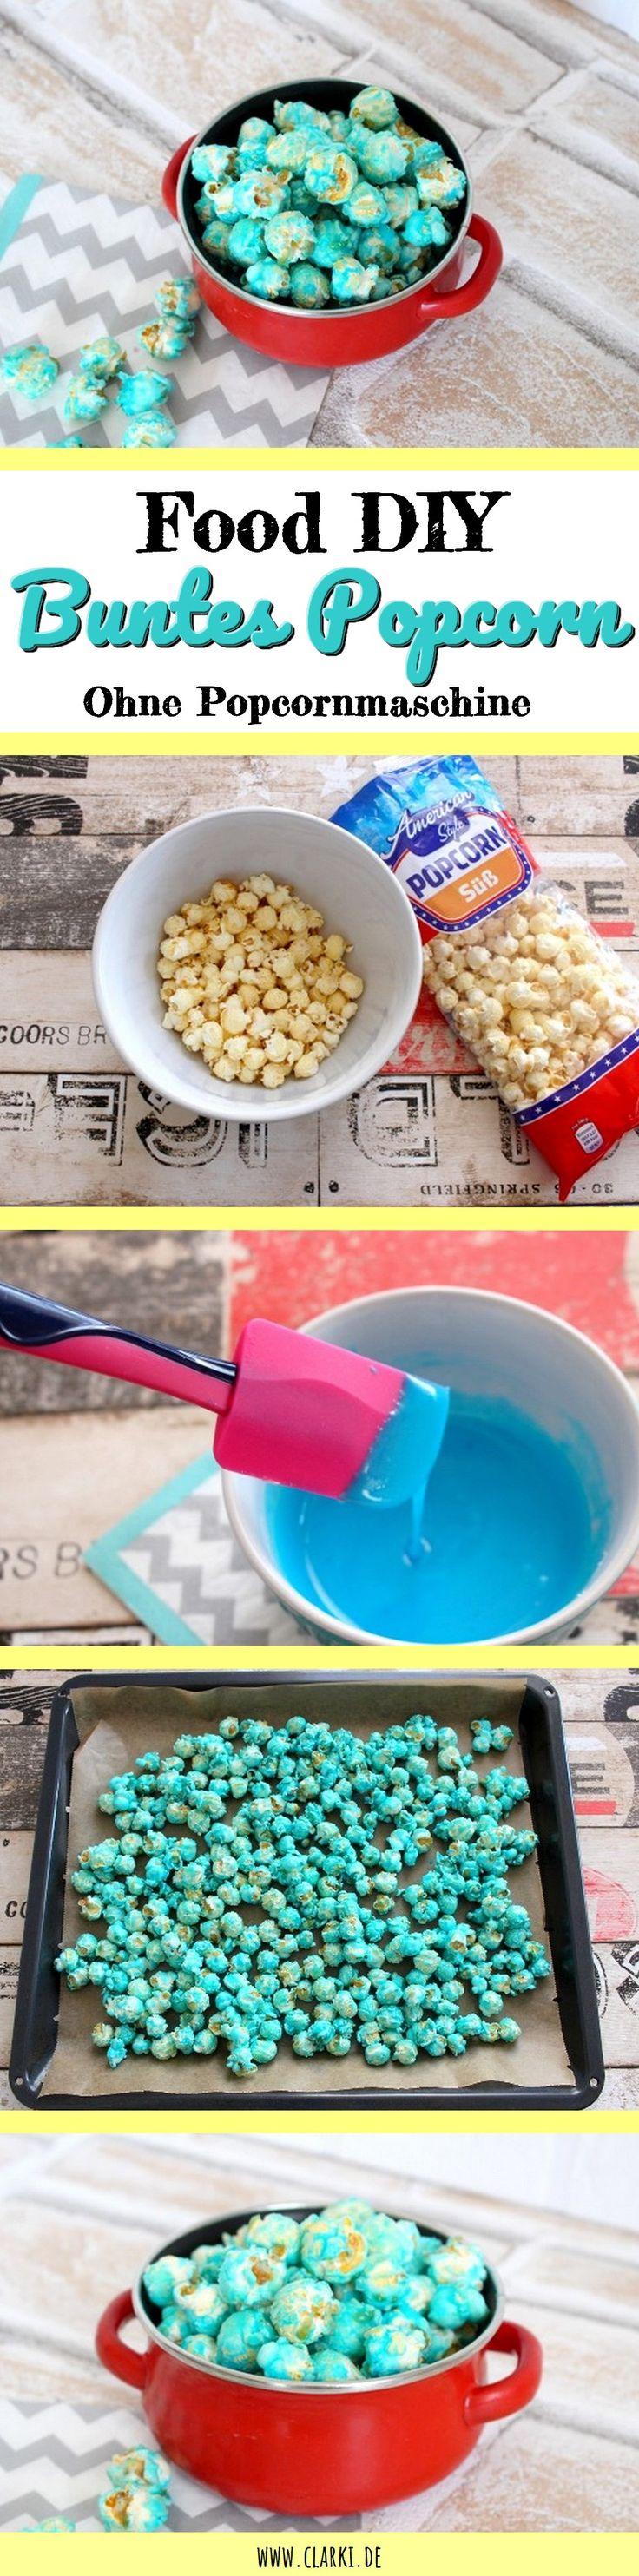 DIY Food: Buntes Popcorn ohne Popcornmaschine selbermachen – clarki Das alles geht ohne Maschine oder Topf oder Öl. Natürlich ist diese Food Idee für Faule und wir verwenden fertiges Popcorn ;) Das geht schneller, schmeckt aber genauso gut und sieht einfach super aus auf dem Buffet oder der Geburtstagstafel.